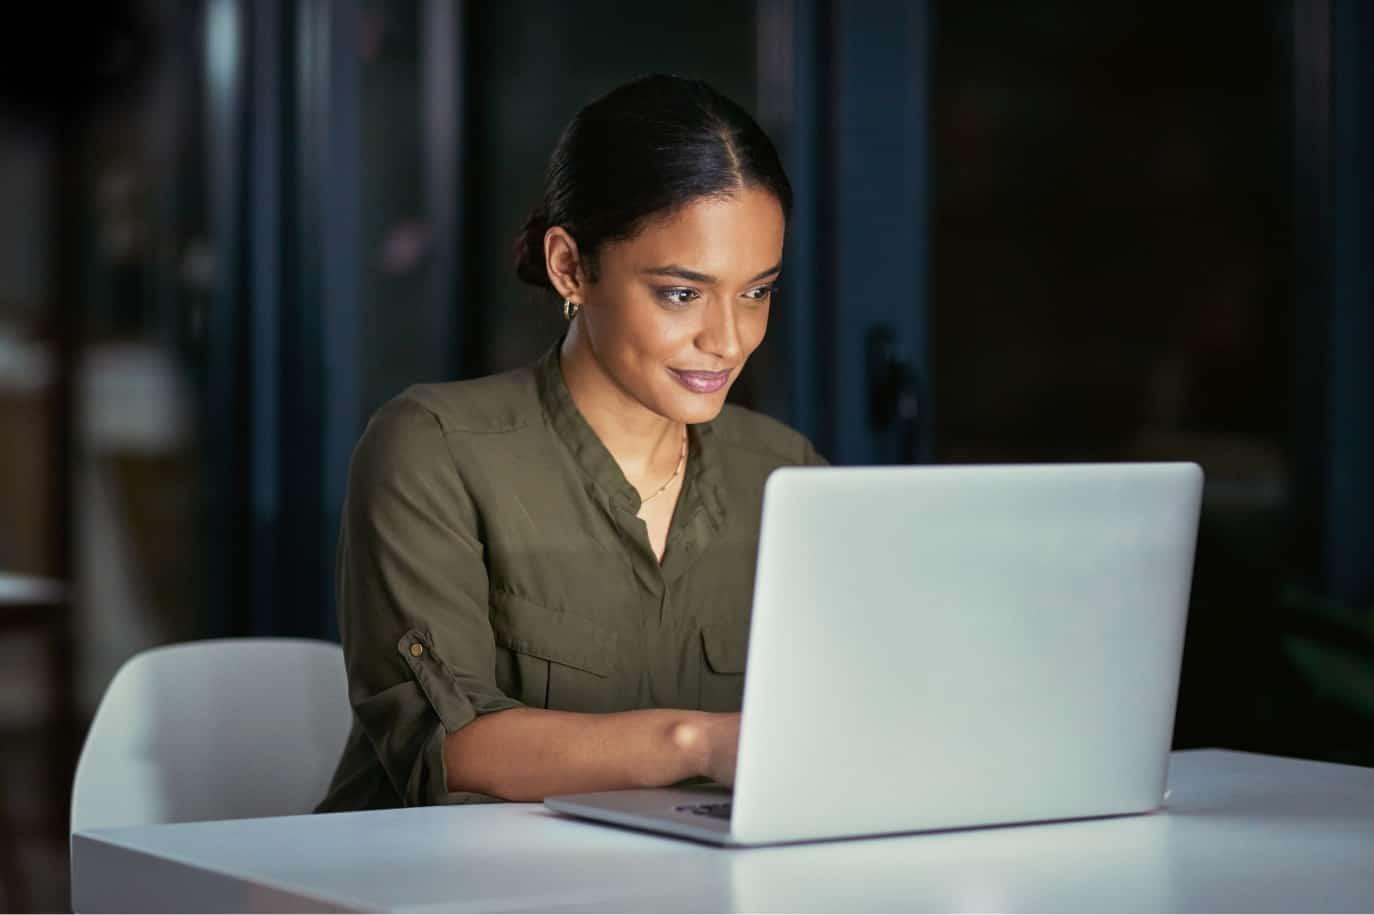 Nursing professional using laptop computer